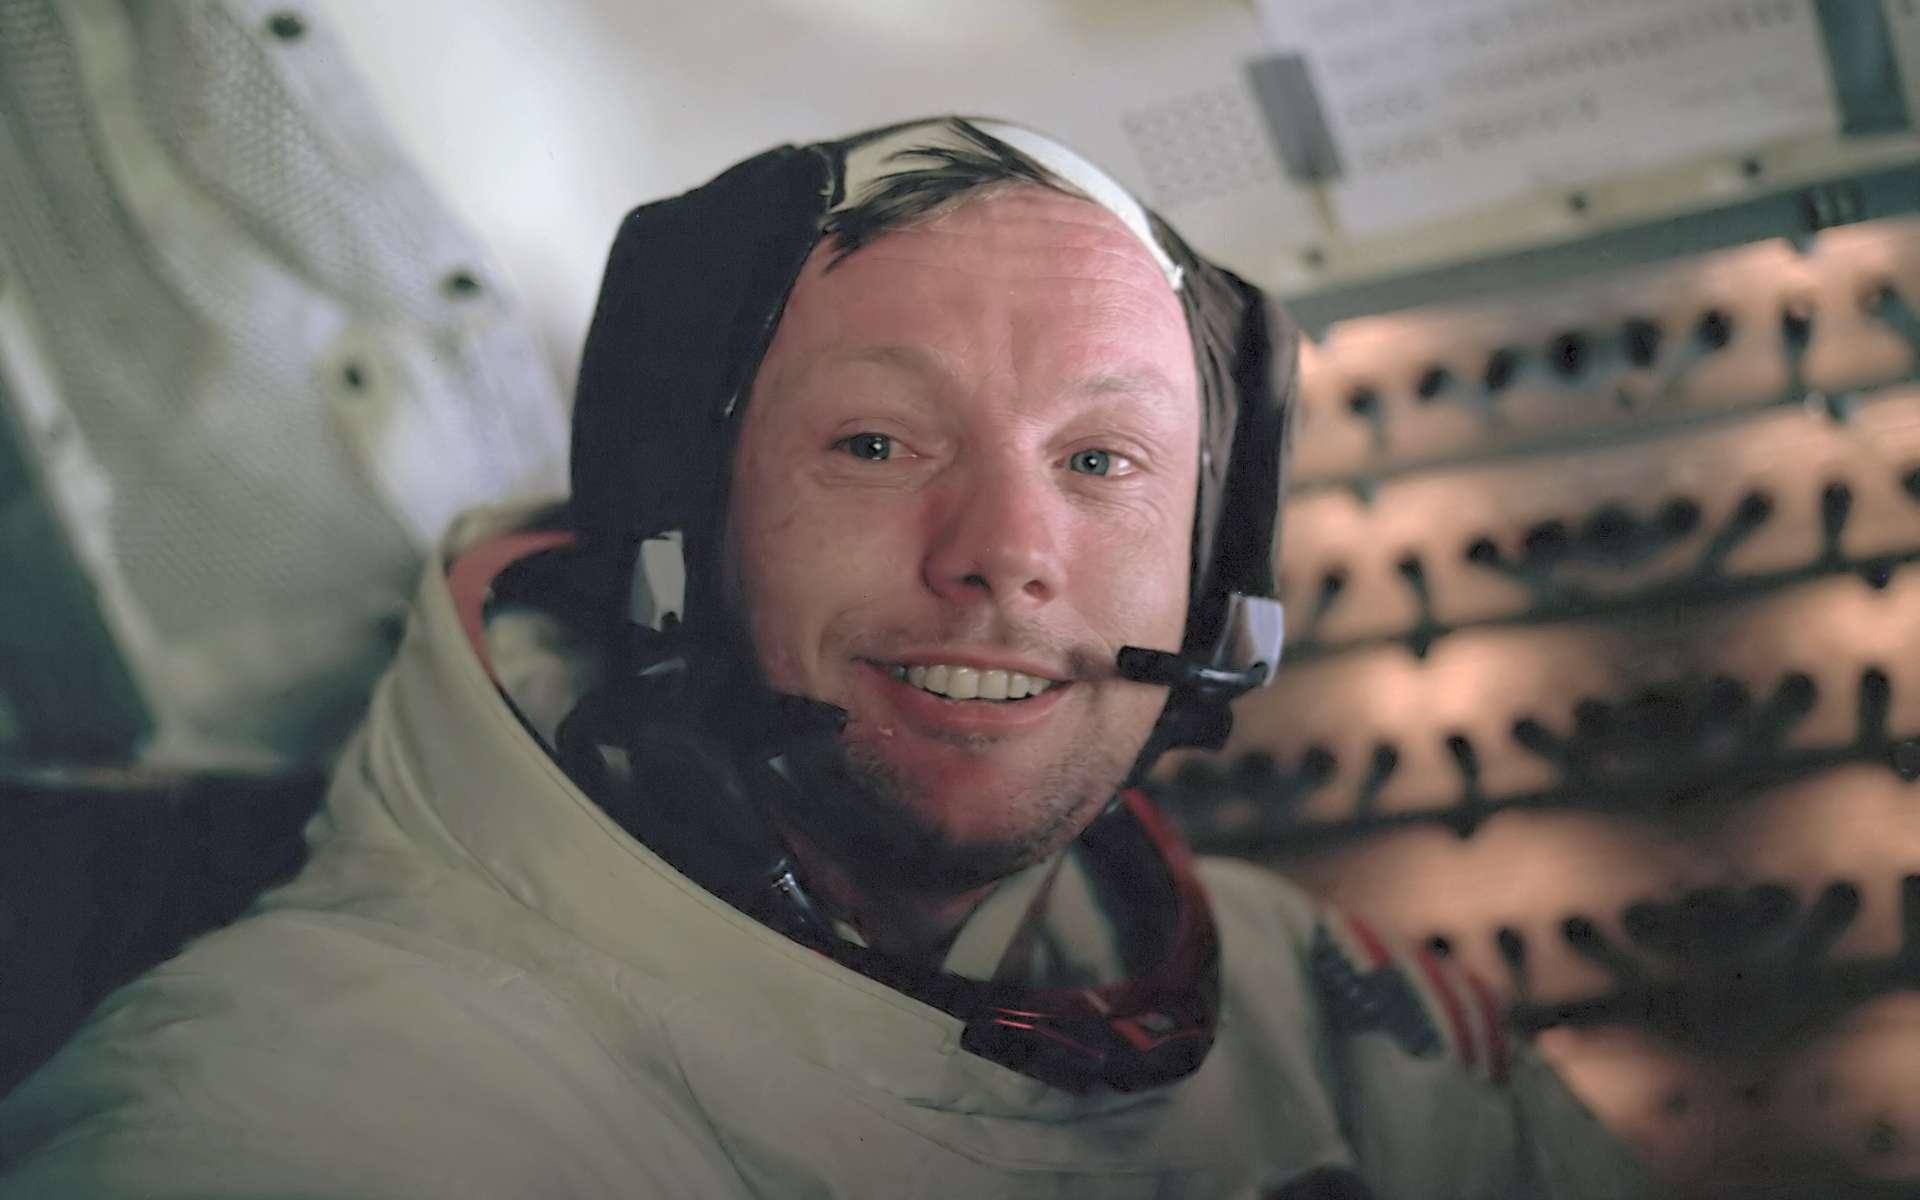 Le film documentaire «Apollo 11» est d'ores et déjà disponible en DVD et Blu-Ray, mais s'il y a un film à voir sur grand écran, c'est sans doute bien celui-ci. © Capture YouTube, Neon